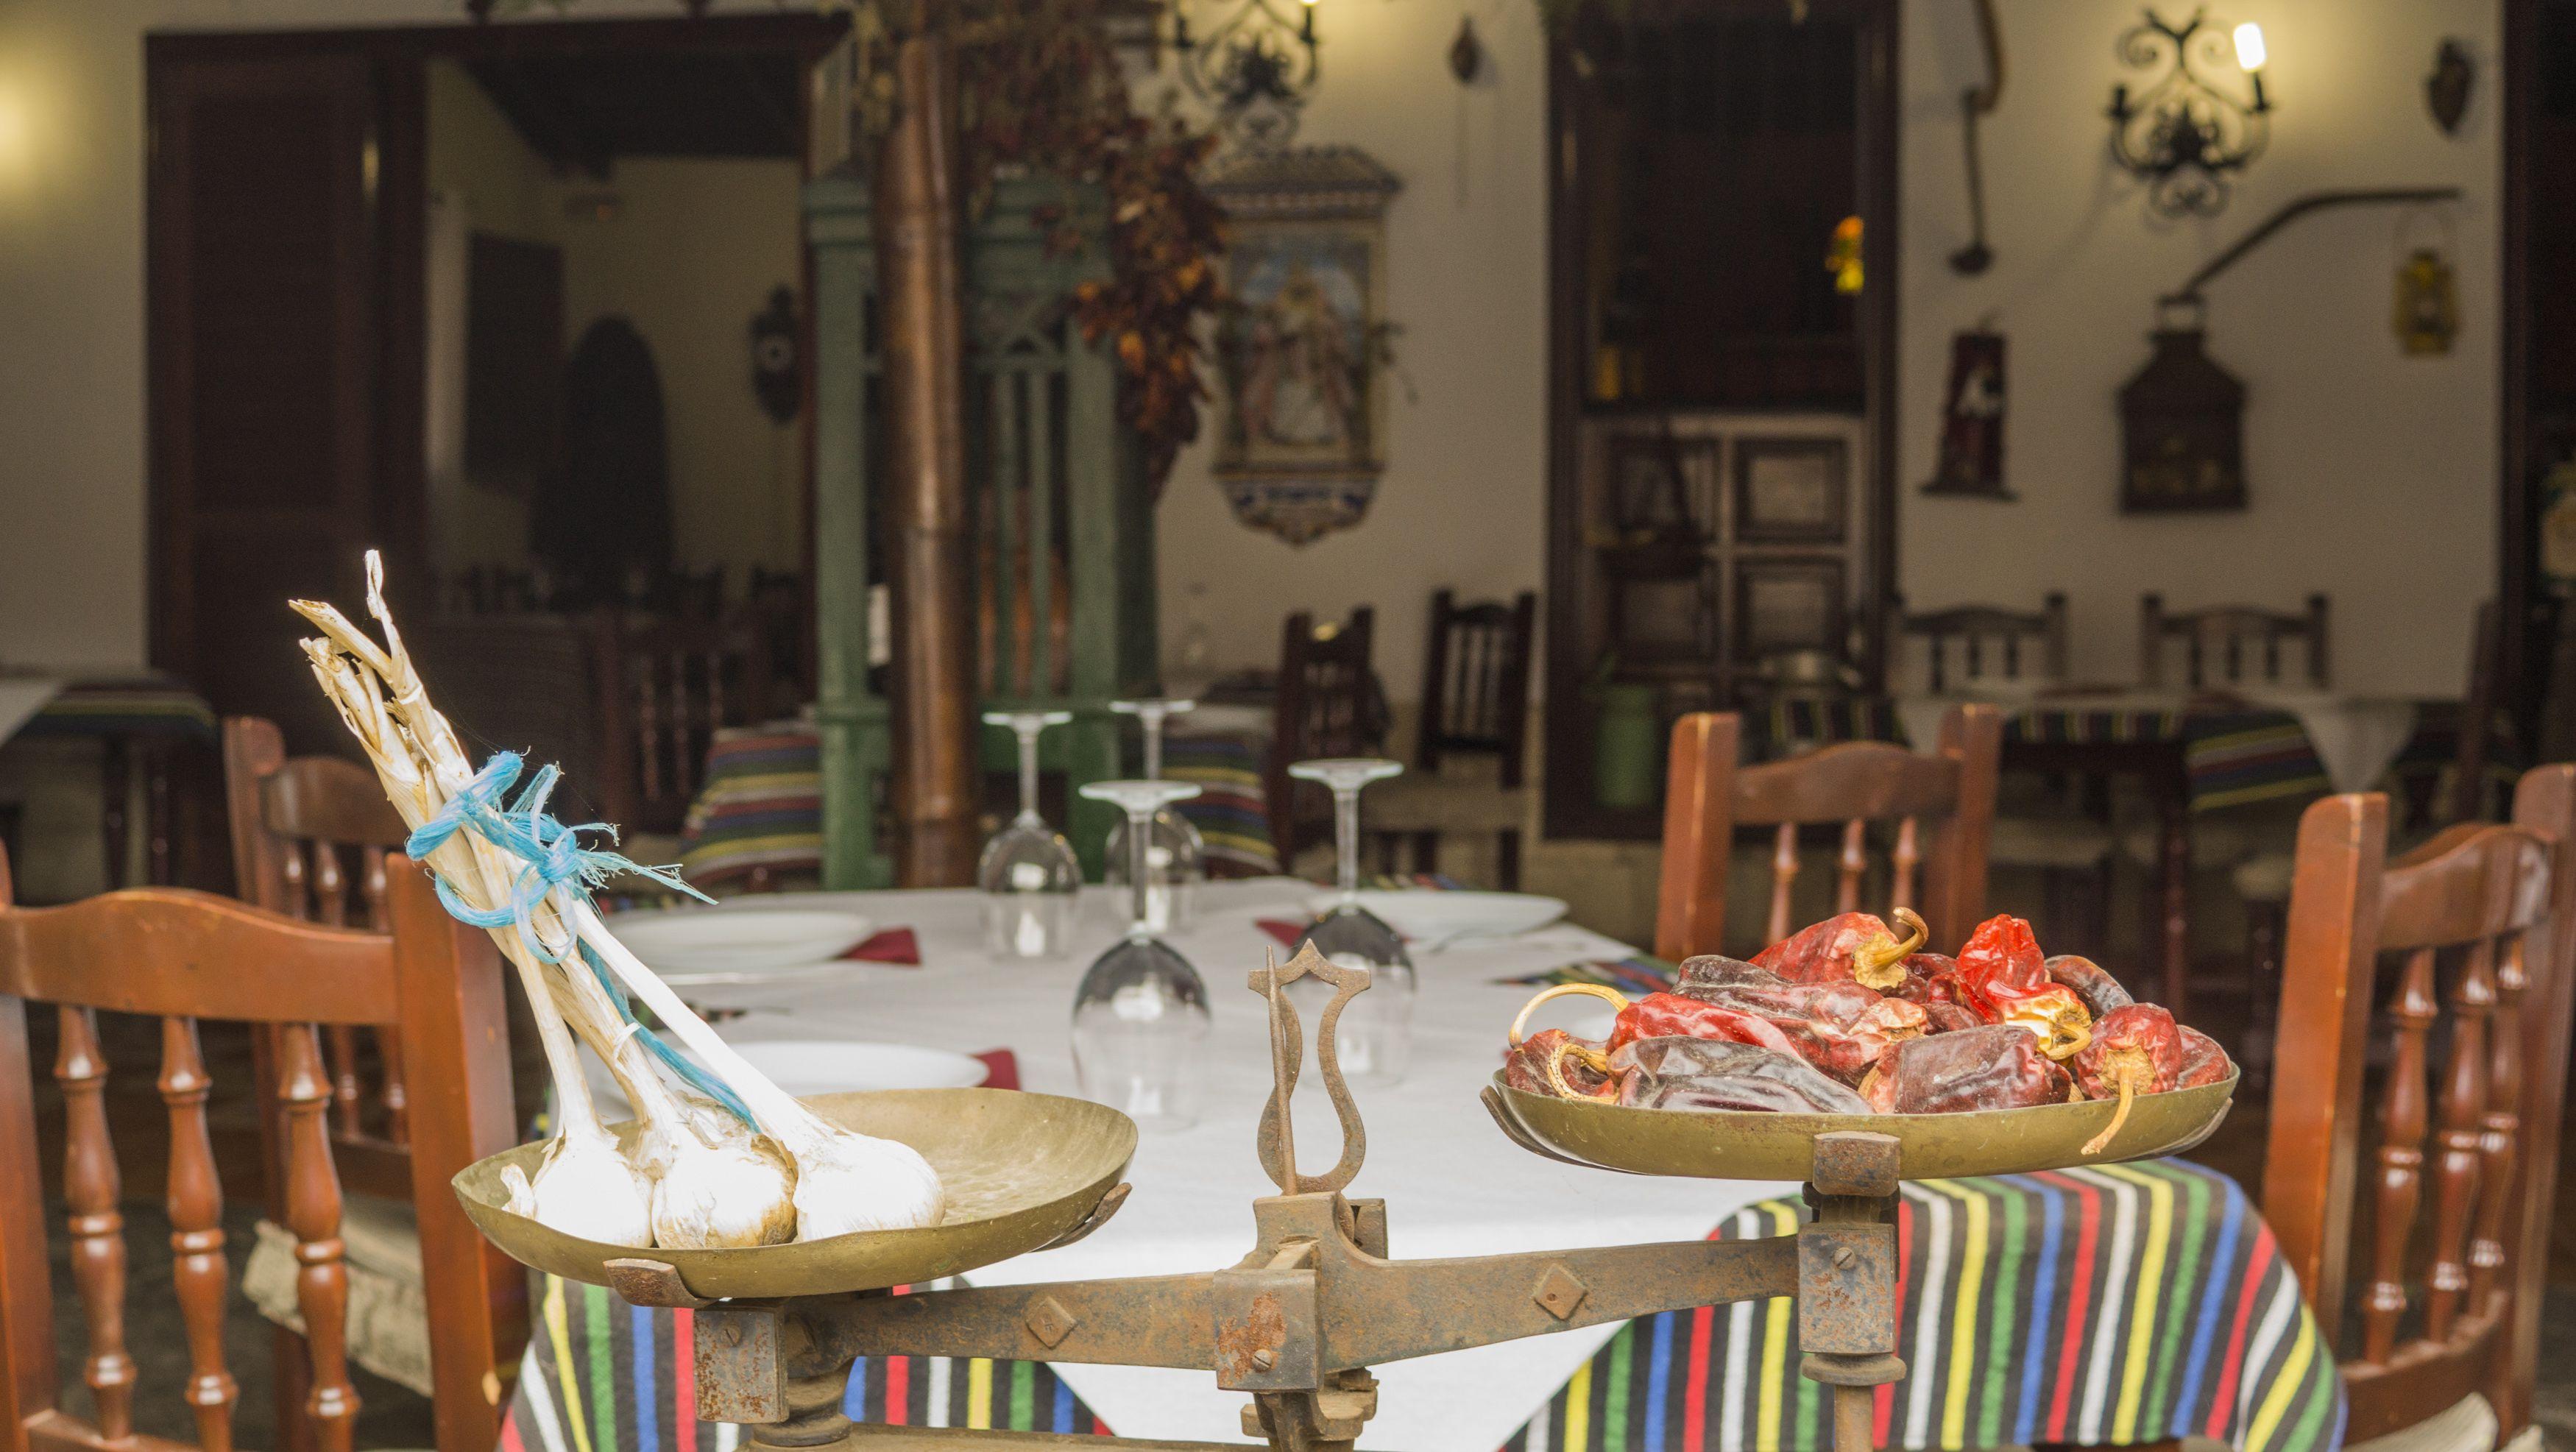 Restaurante de gastronomía canaria en Santa Cruz de Tenerife